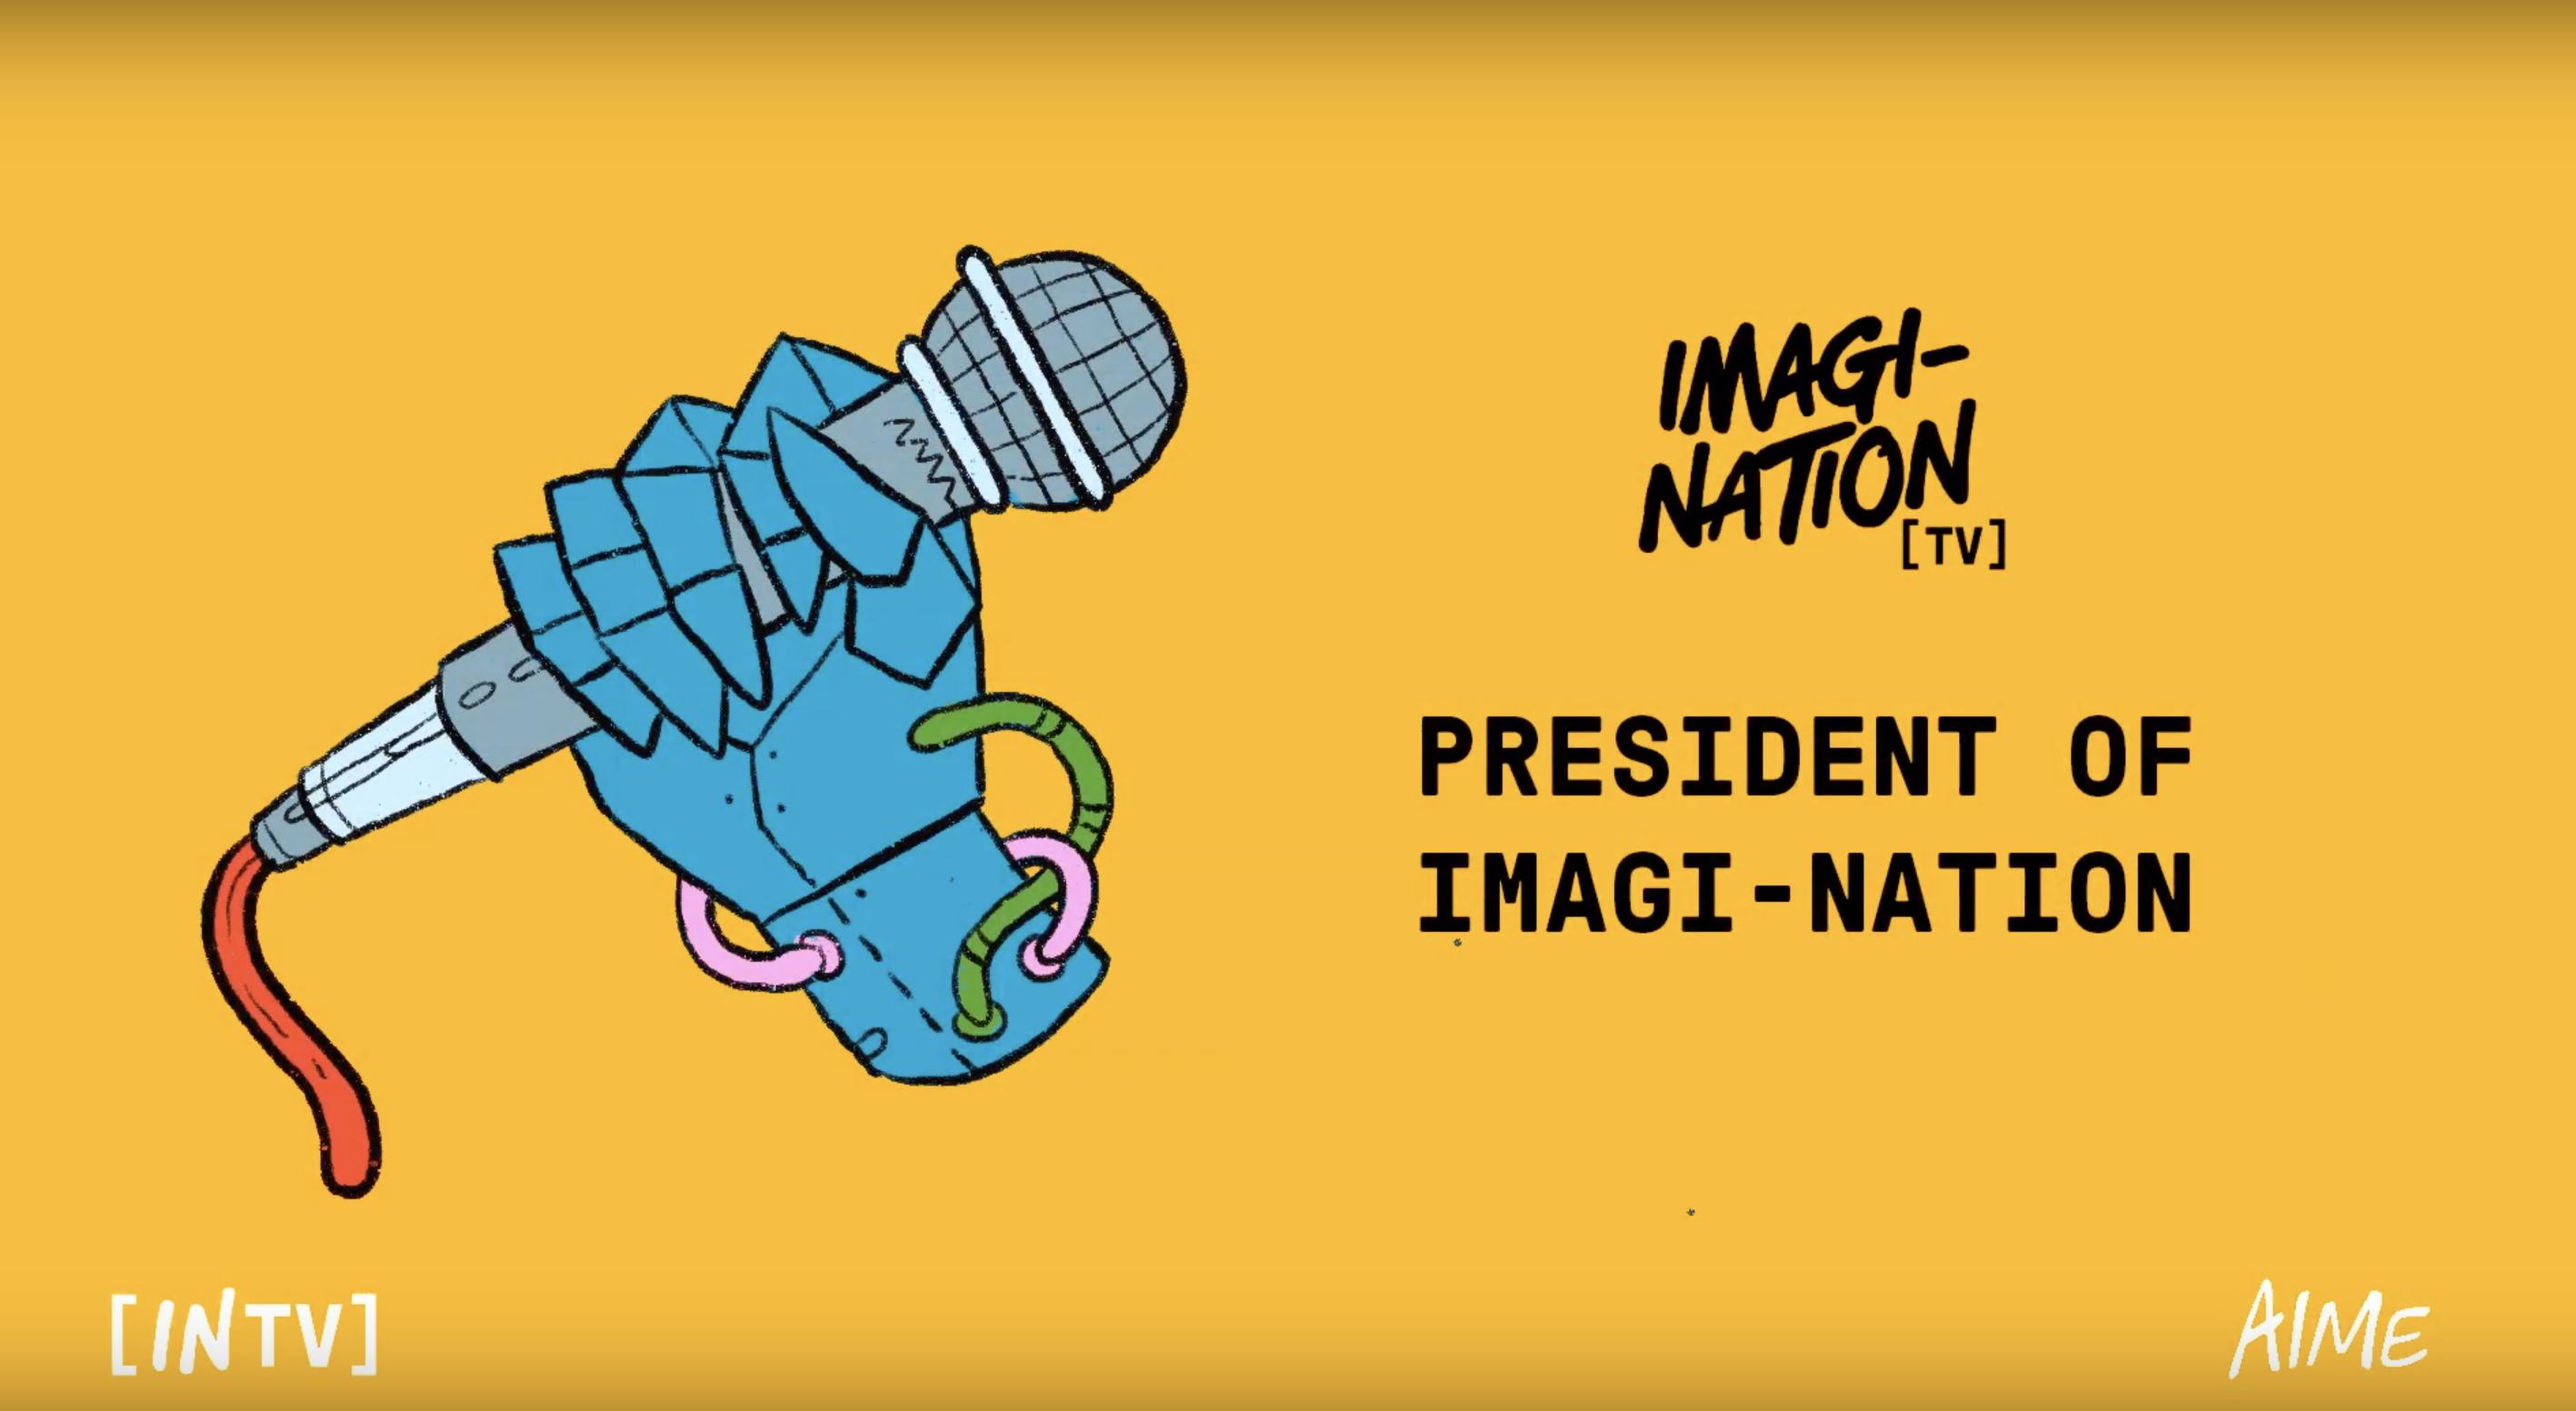 AIME | IN{TV} | PRESIDENT OF IMAGI-NATION